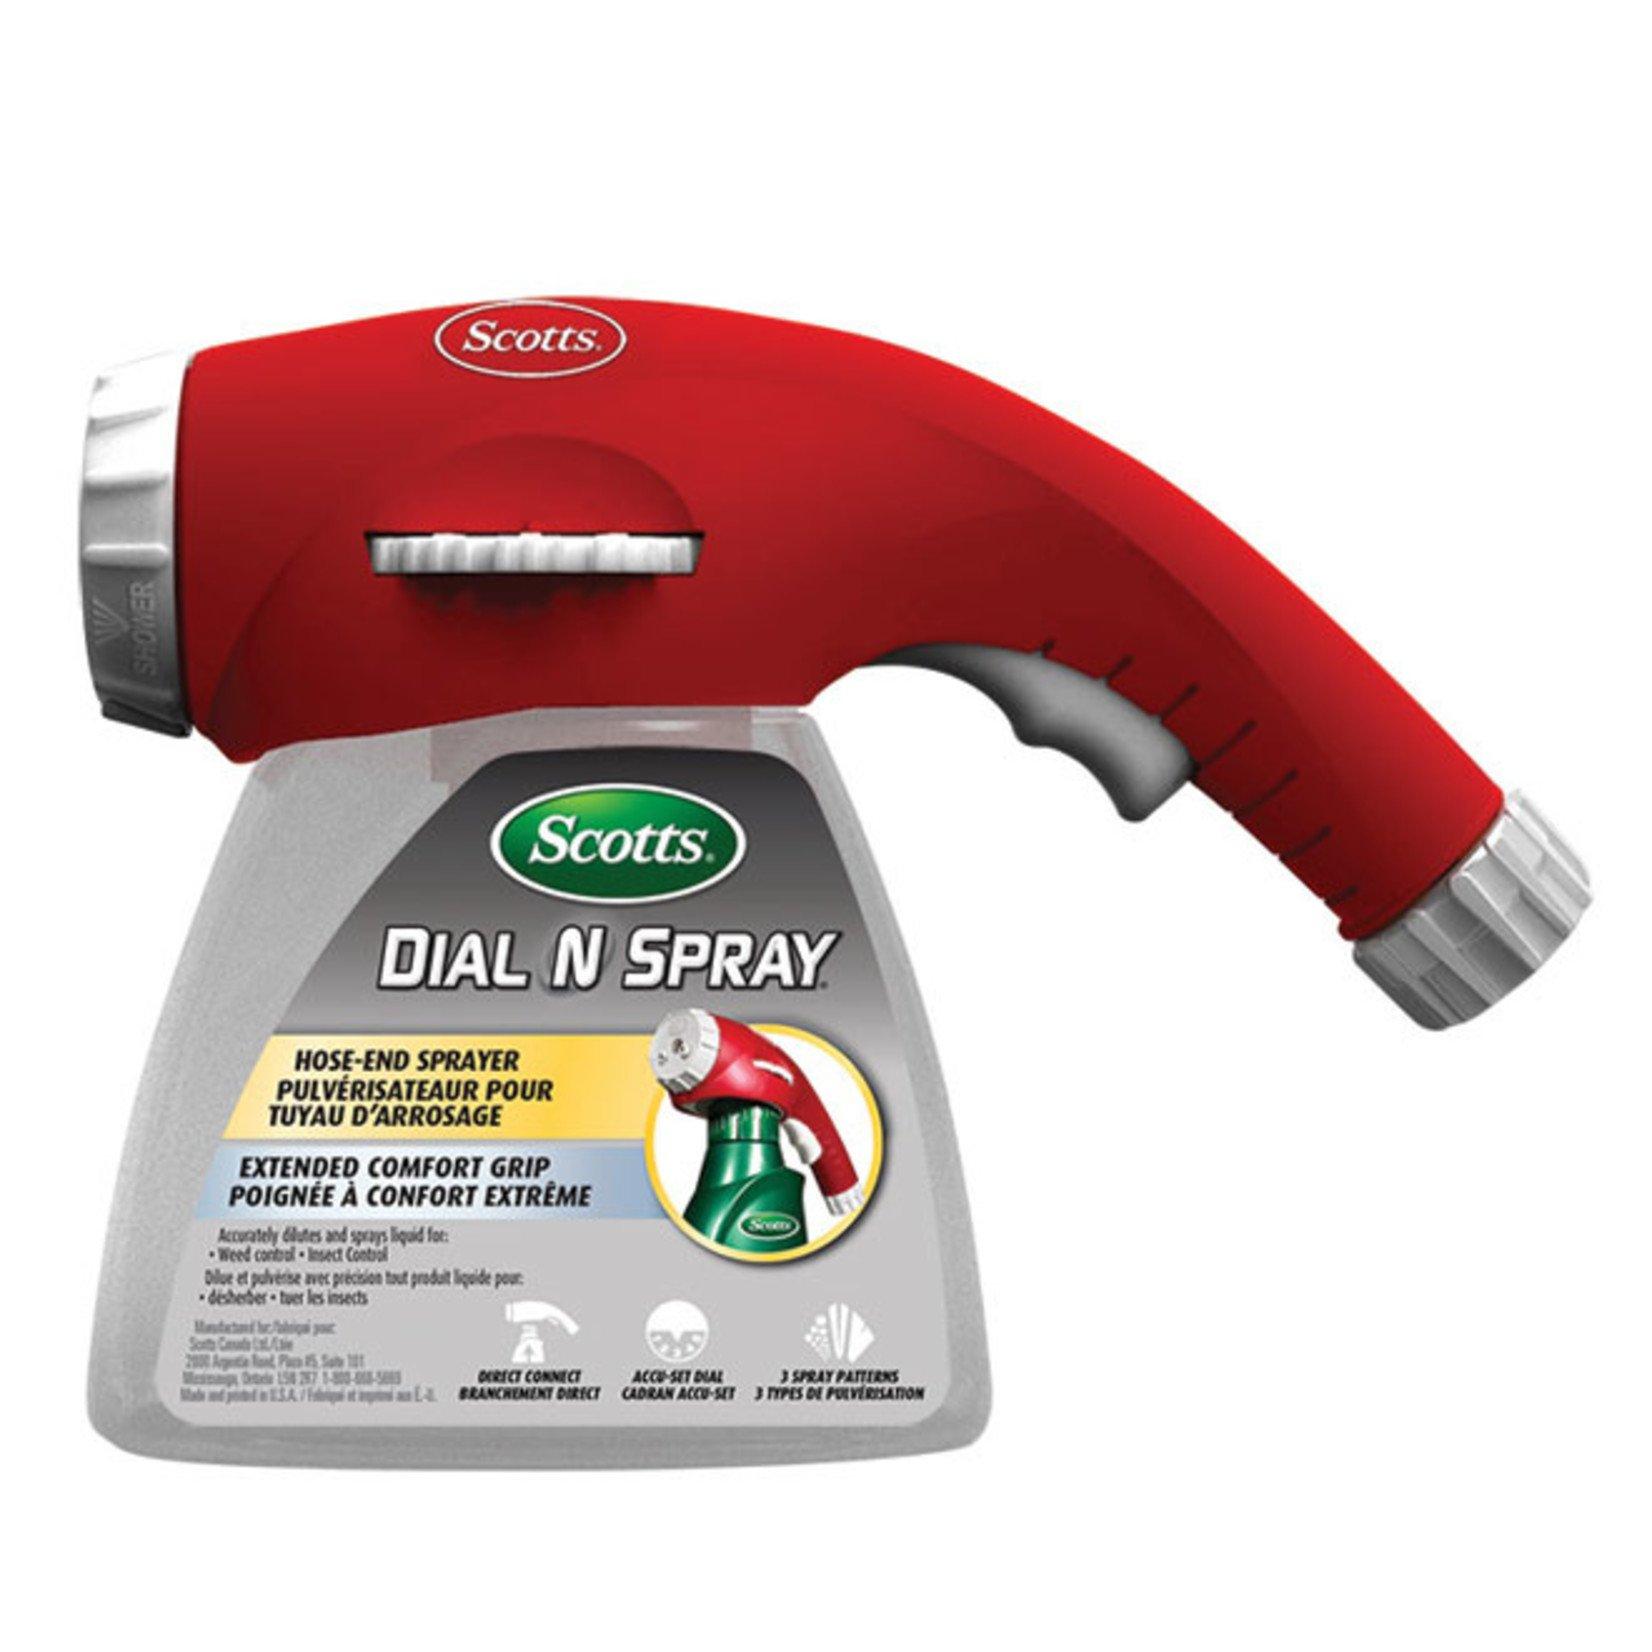 Scotts Dial n Spray Multi-Use Sprayer